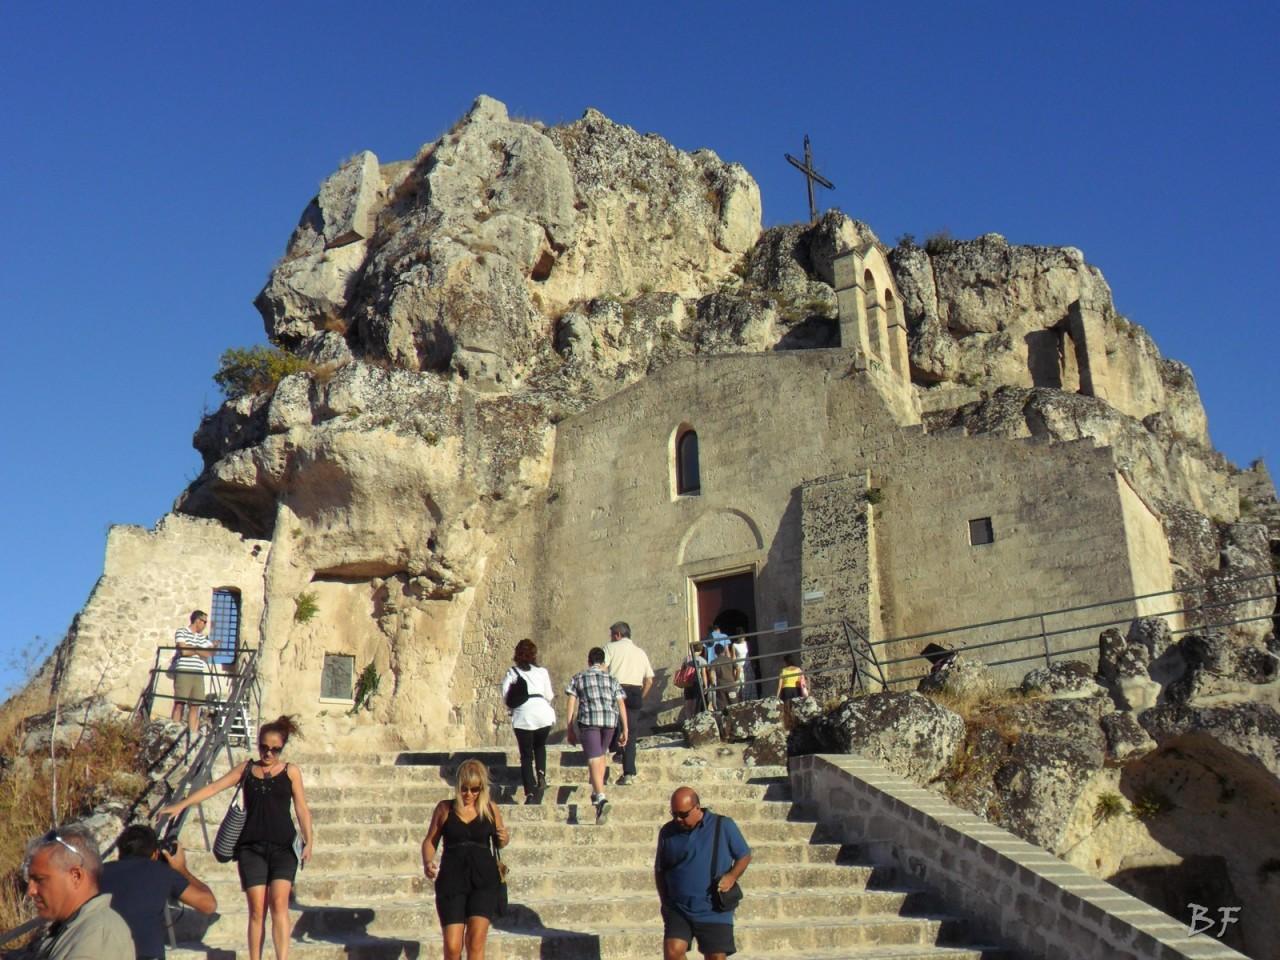 Sasso-Caveoso-Edifici-Rupestri-Megaliti-Sassi-di-Matera-basilicata-Italia-16